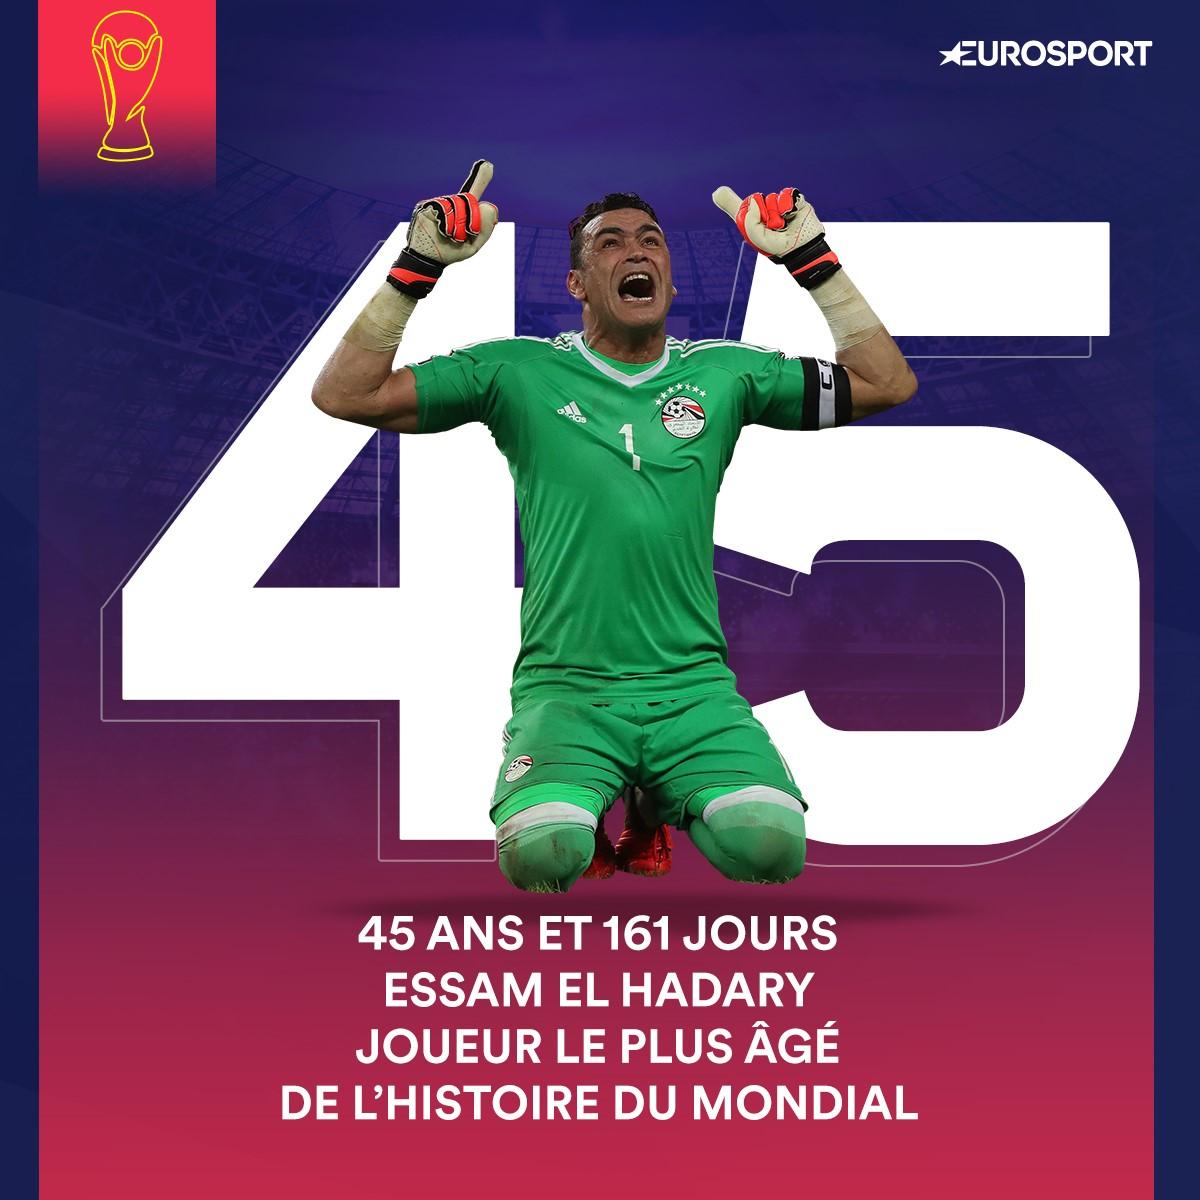 A 45 ans et 161 jours, l'Egyptien Essam El Hadary est devenu le joueur le plus âgé à disputer un match de Coupe du monde, le 25 juin 2018 contre l'Arabie saoudite.